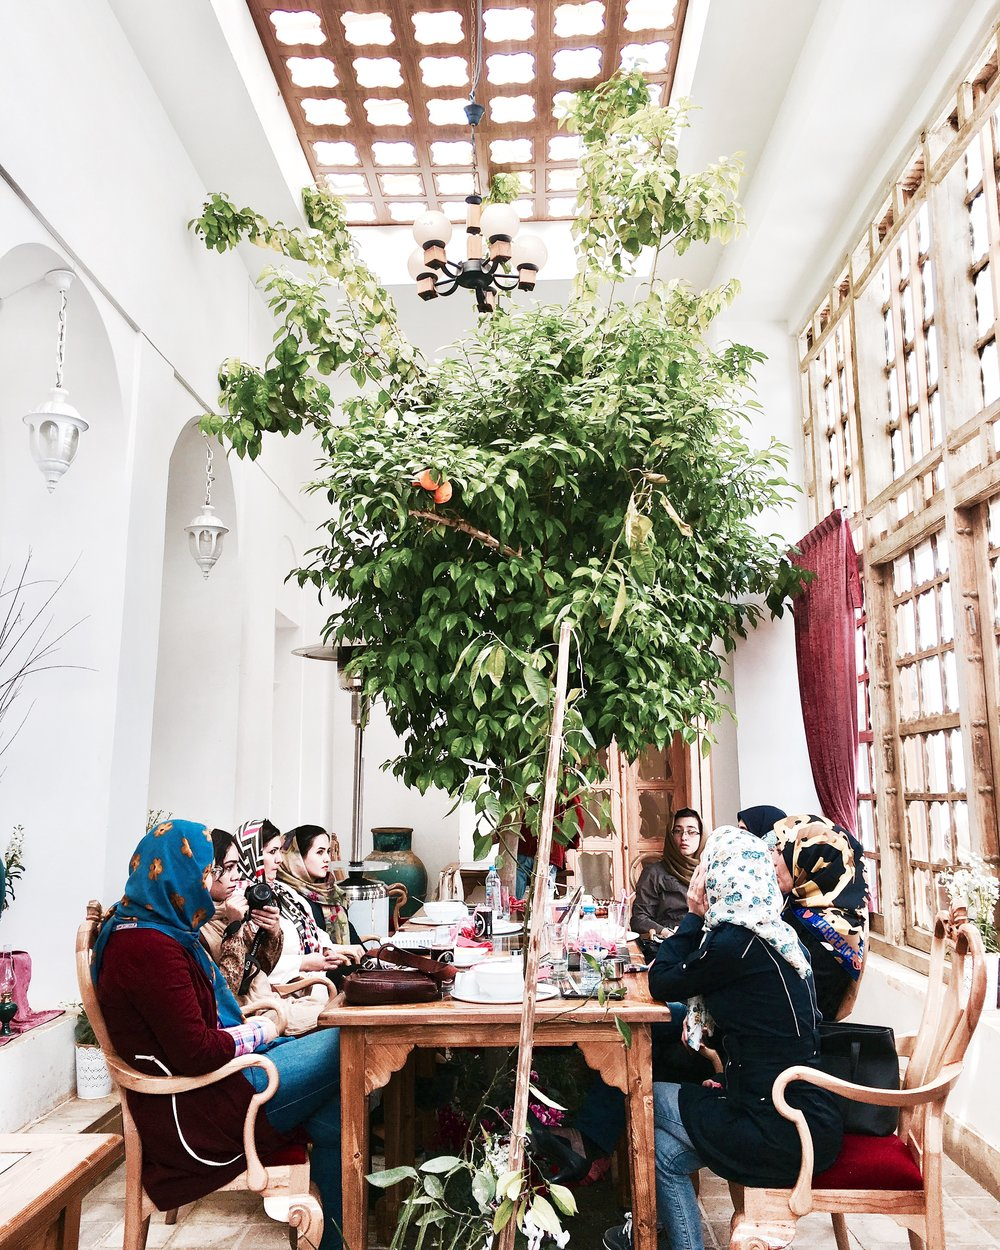 Shot by Ali Reza